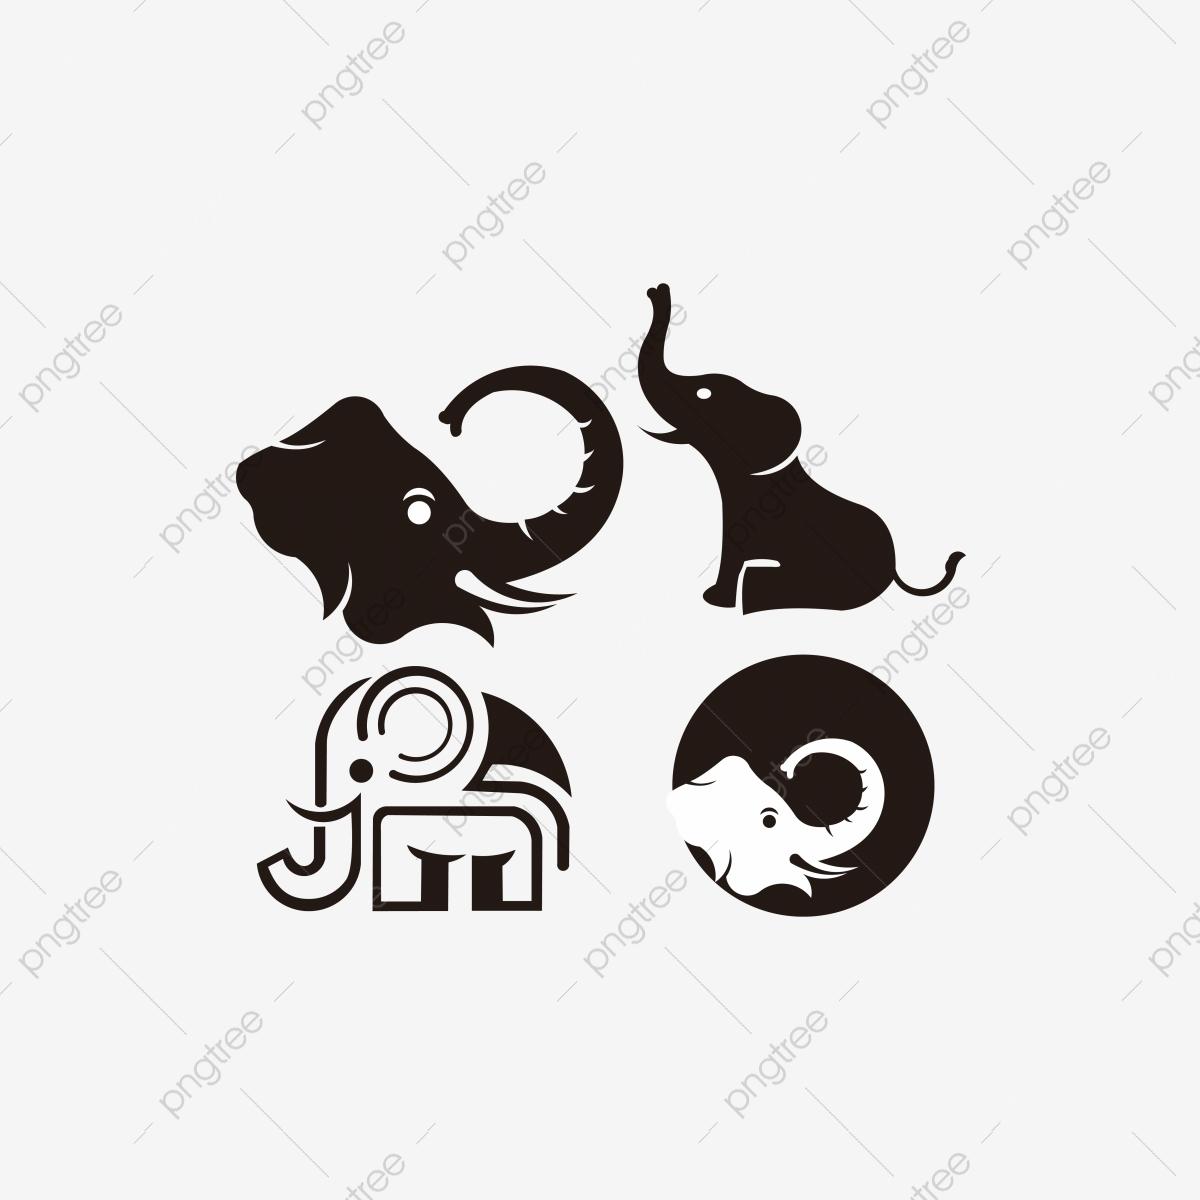 Elephant Logo Design Vector Template Inspiration Vector, Abstract.